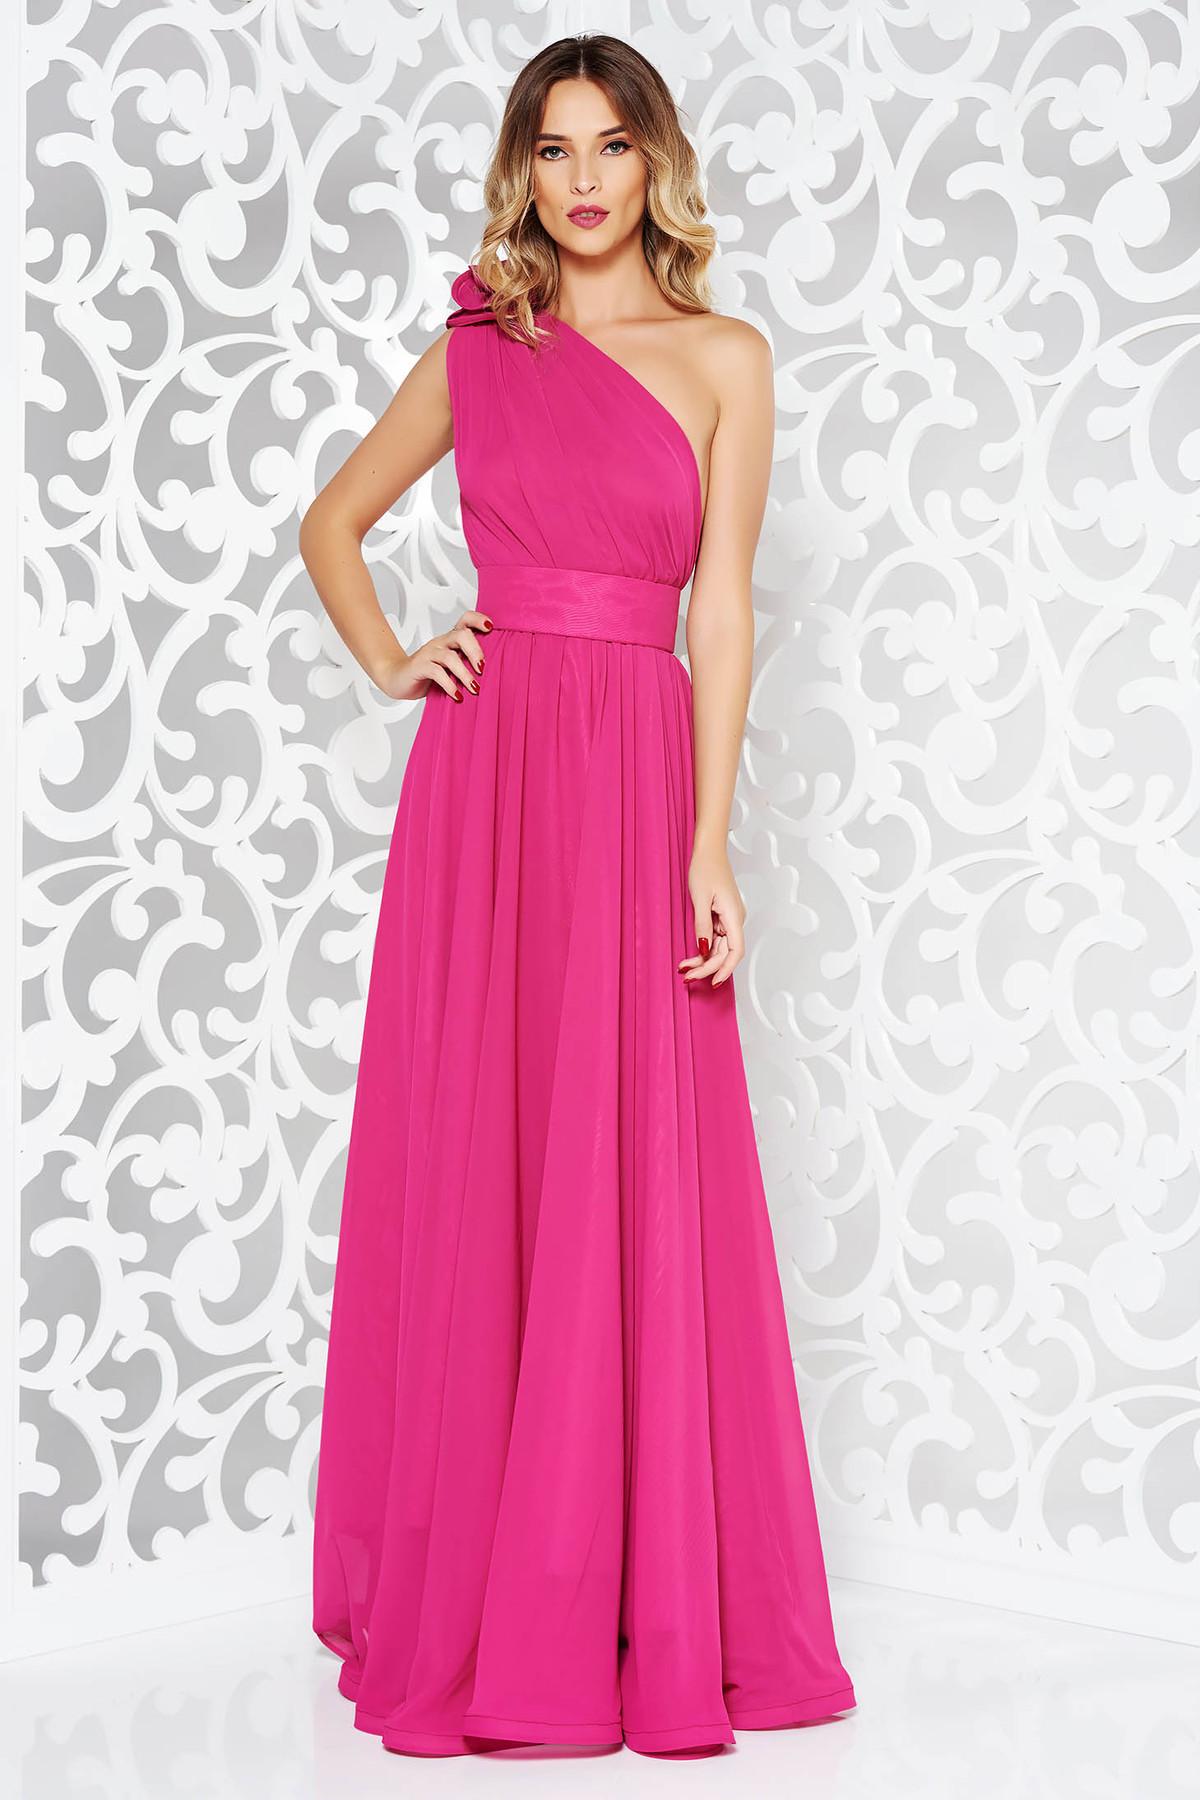 Rochie Ana Radu roz de lux lunga in clos din voal captusita pe interior accesorizata cu cordon